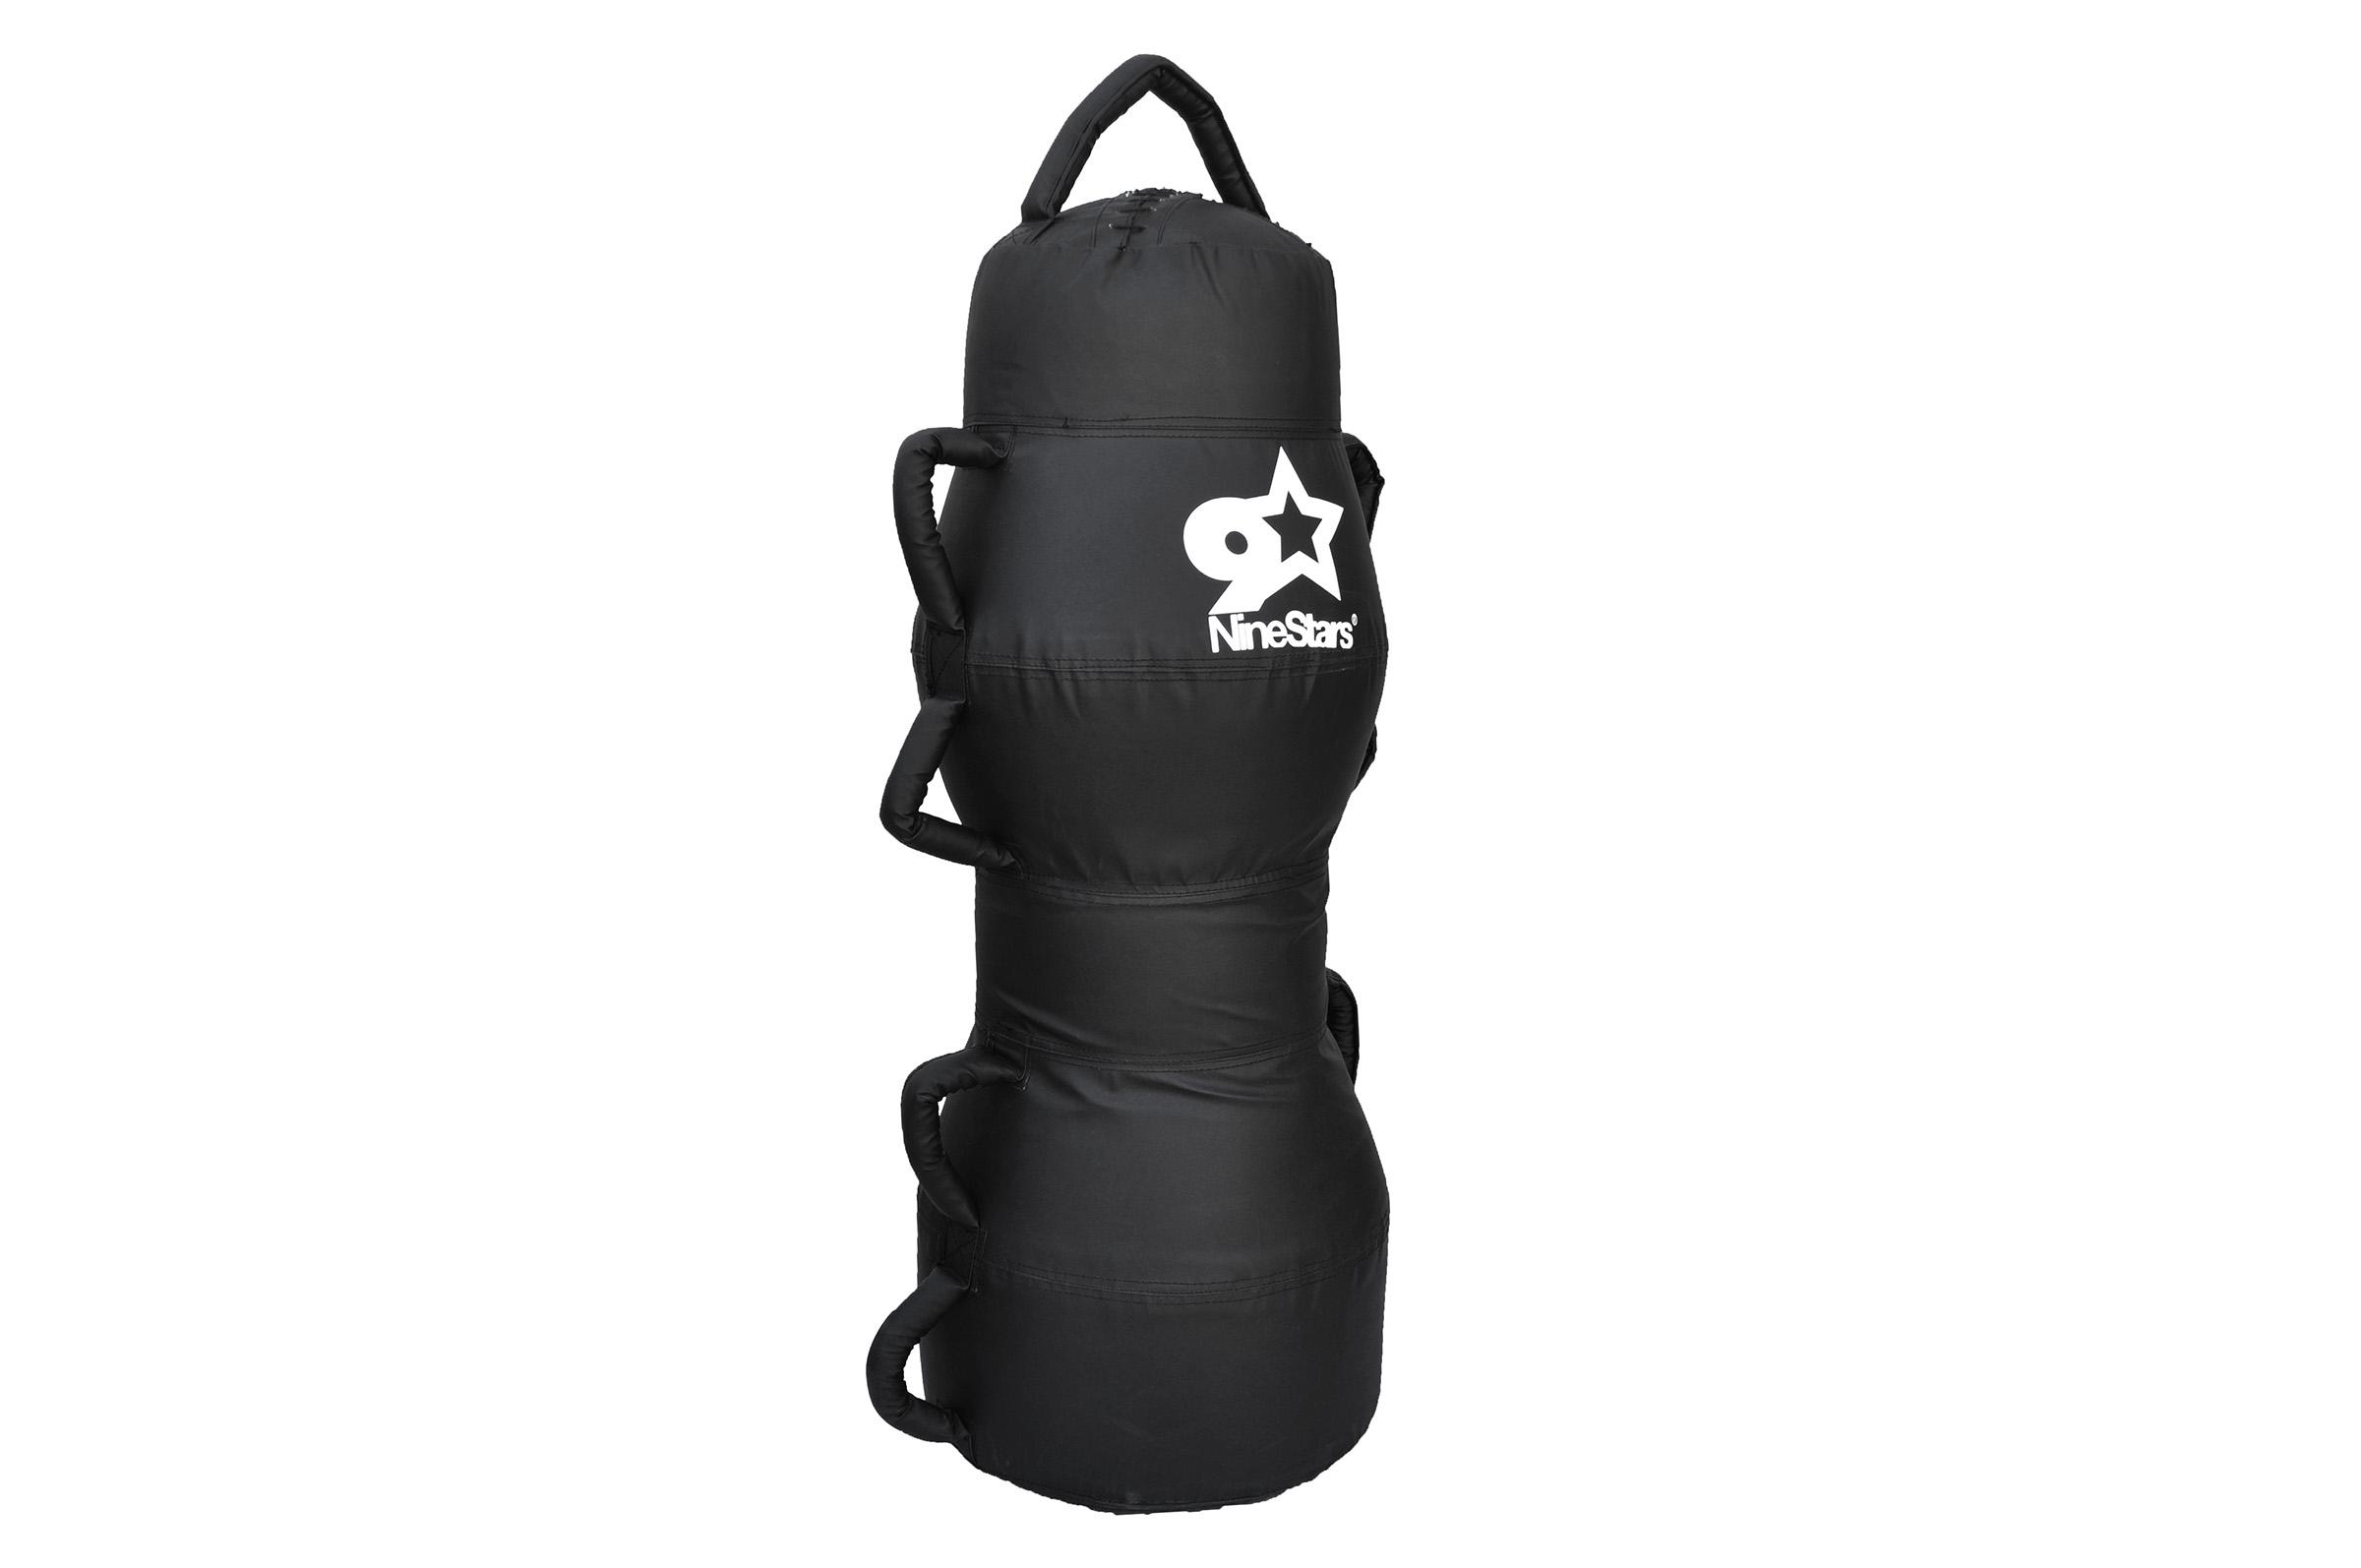 mma grappling bag combat 9